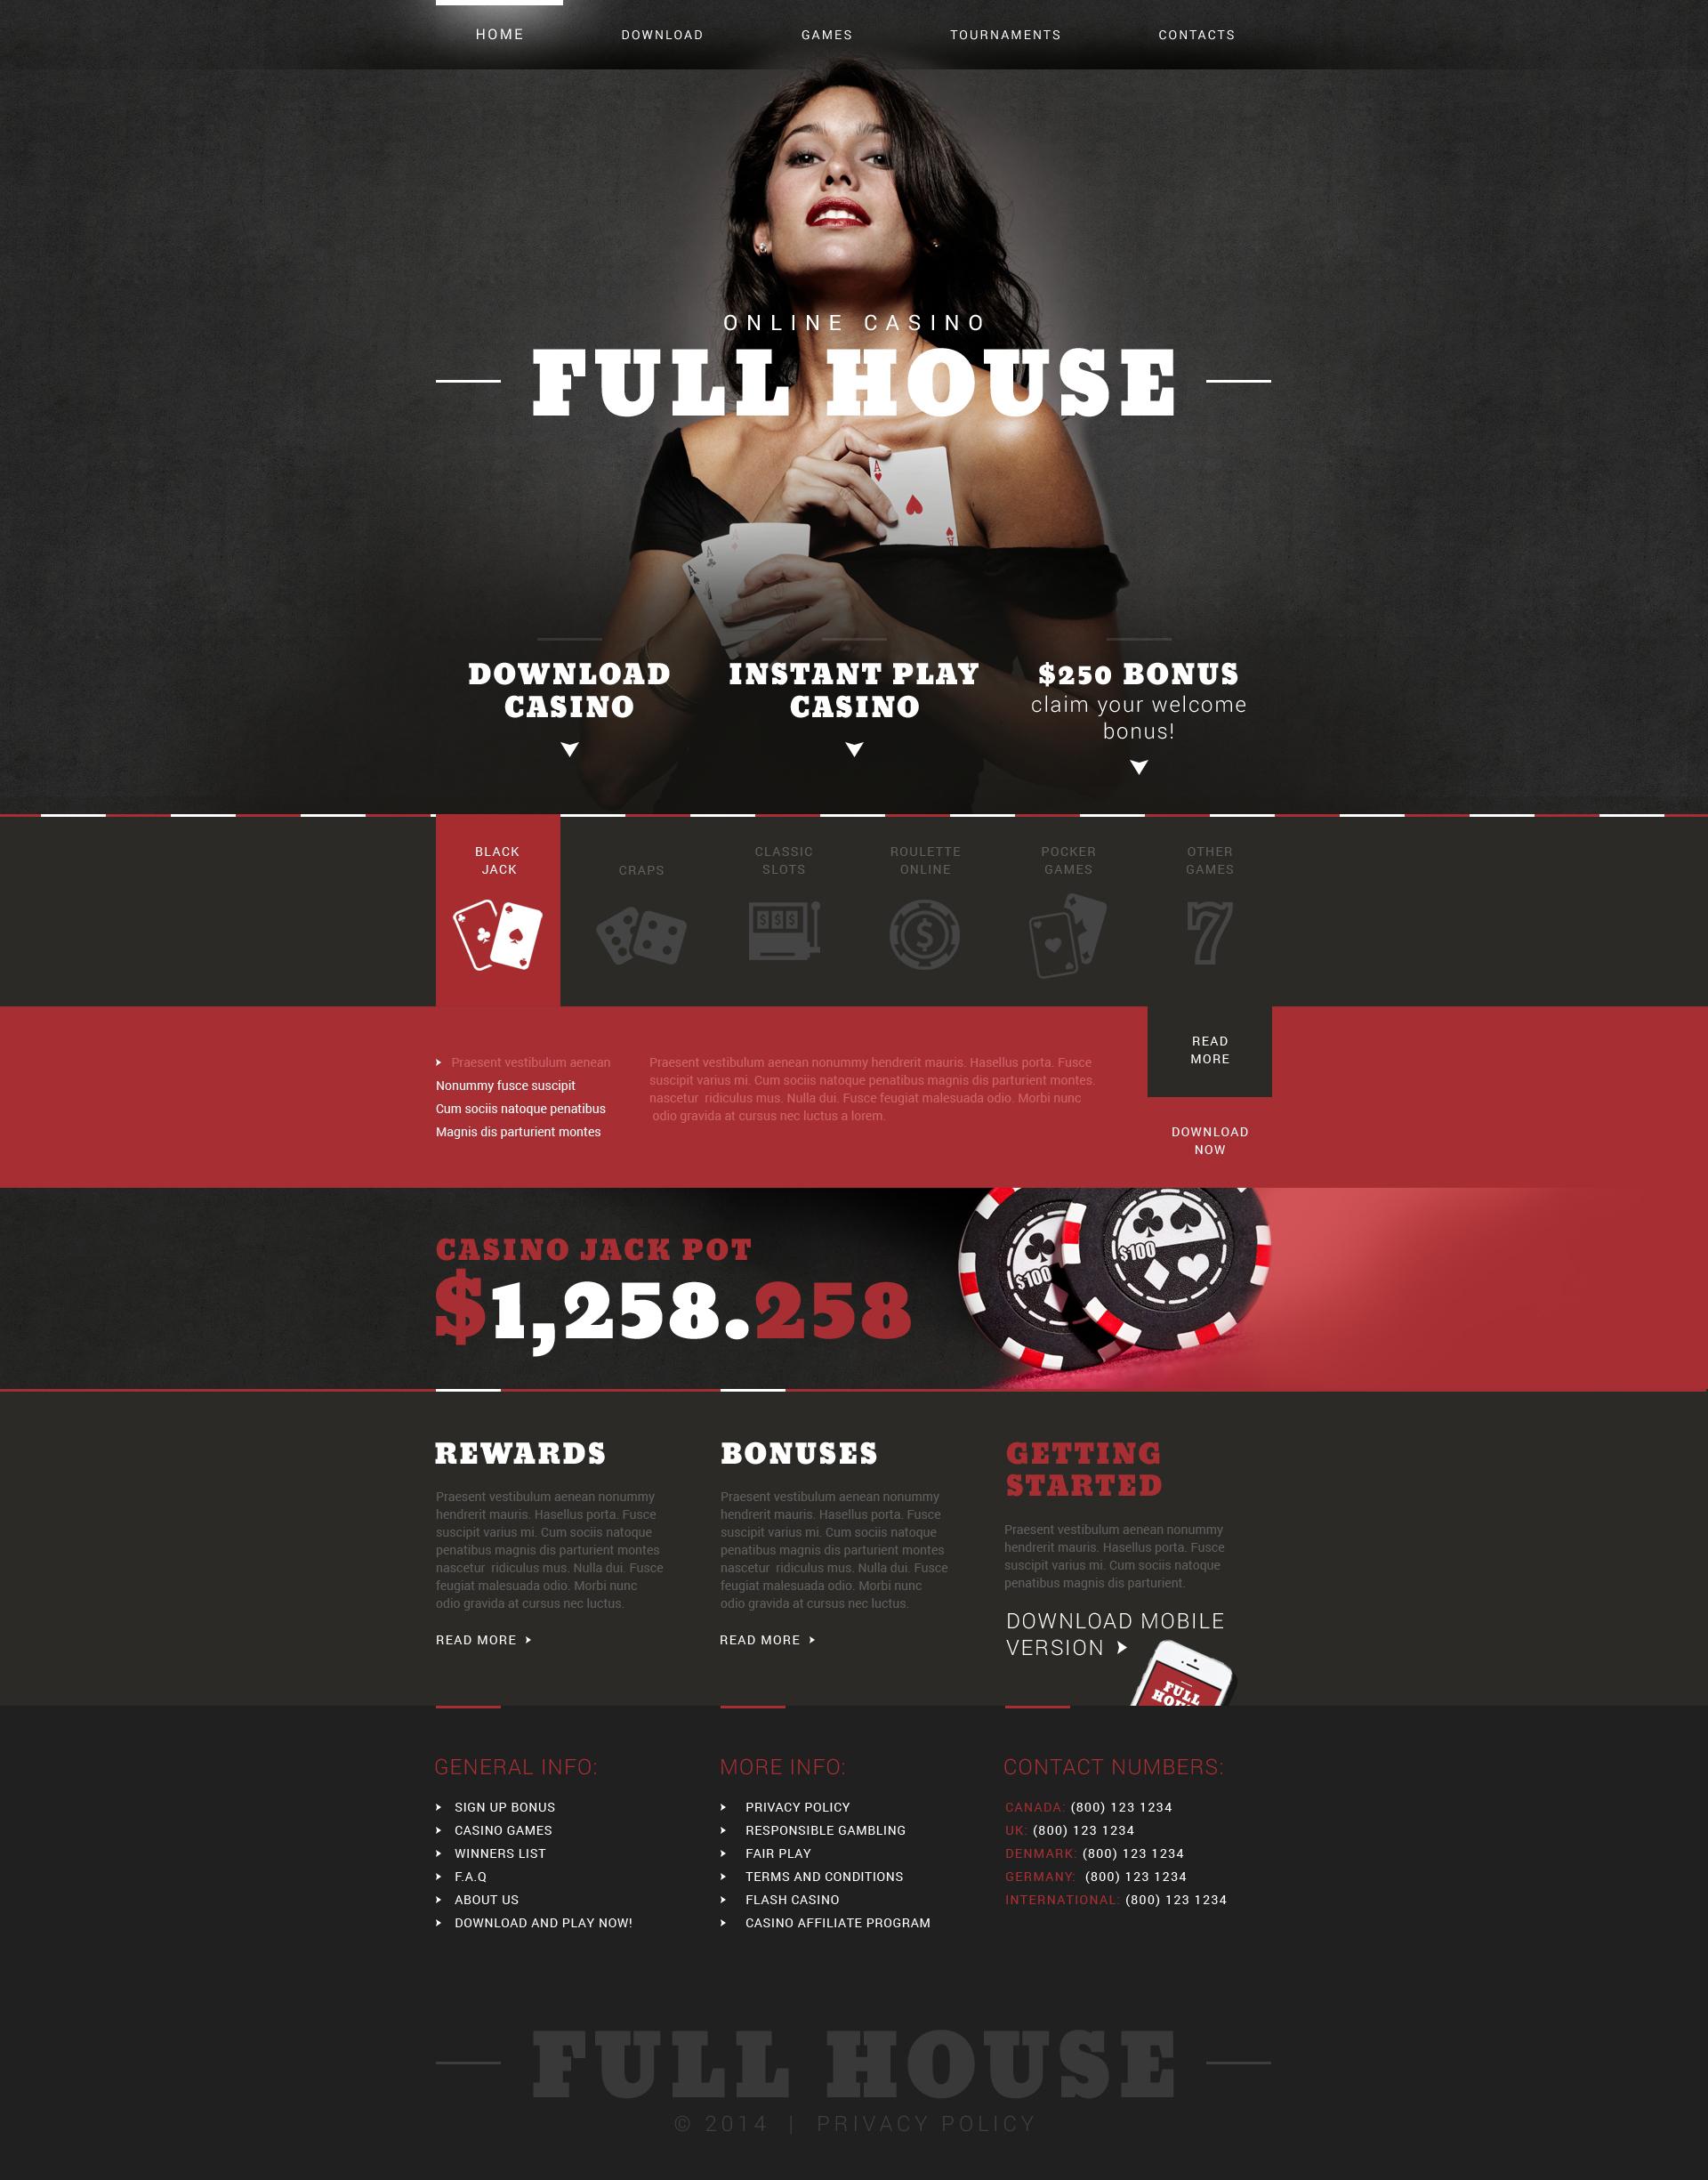 Plantilla Web Responsive para Sitio de Casinos online #51244 - captura de pantalla